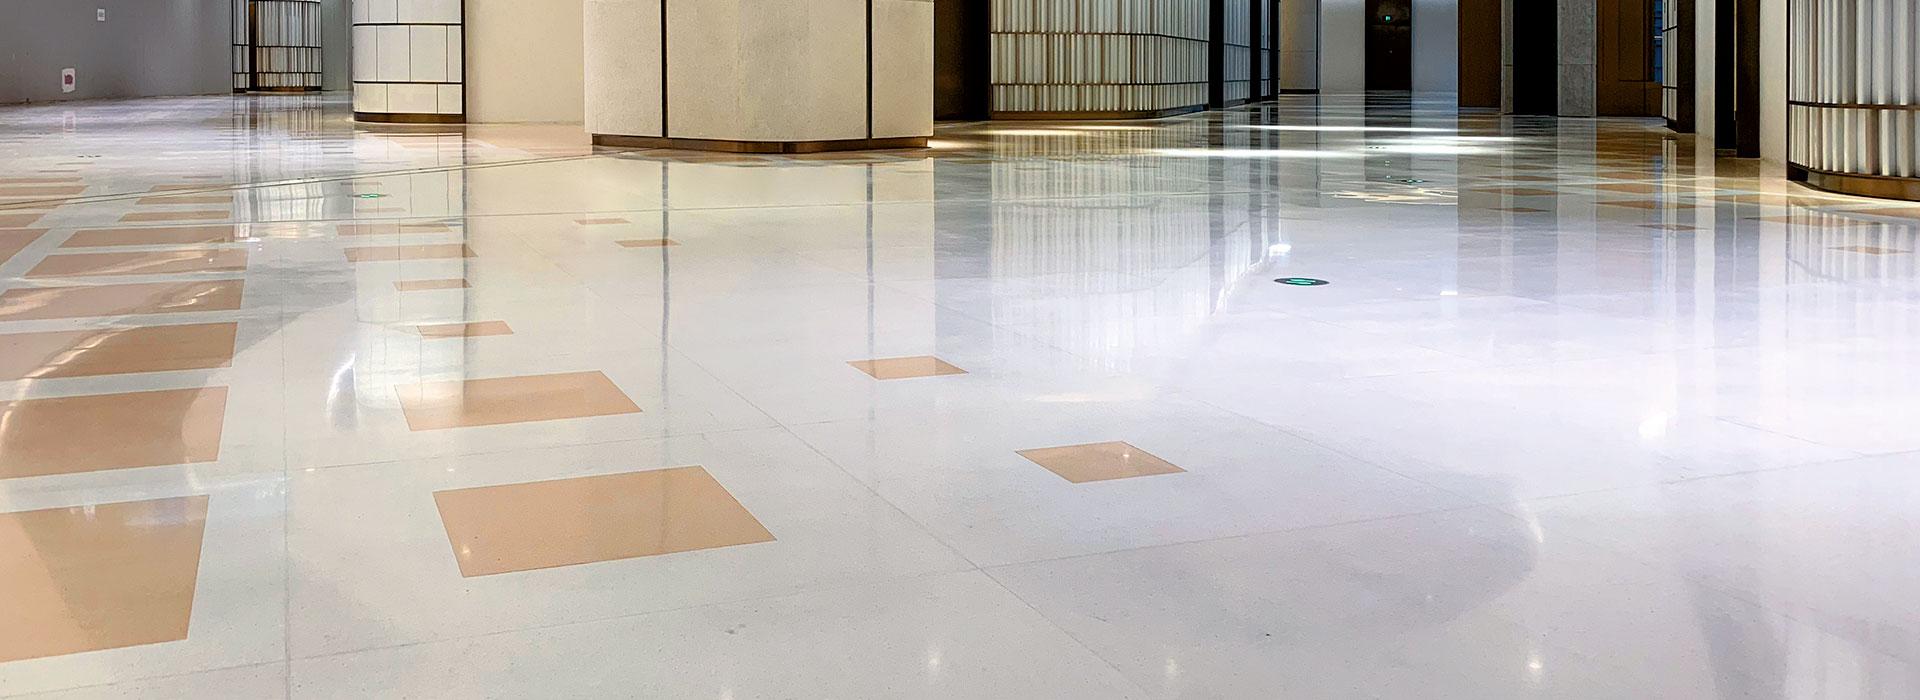 AGGLOTECH-architectural-terrazzo-pavimenti-header